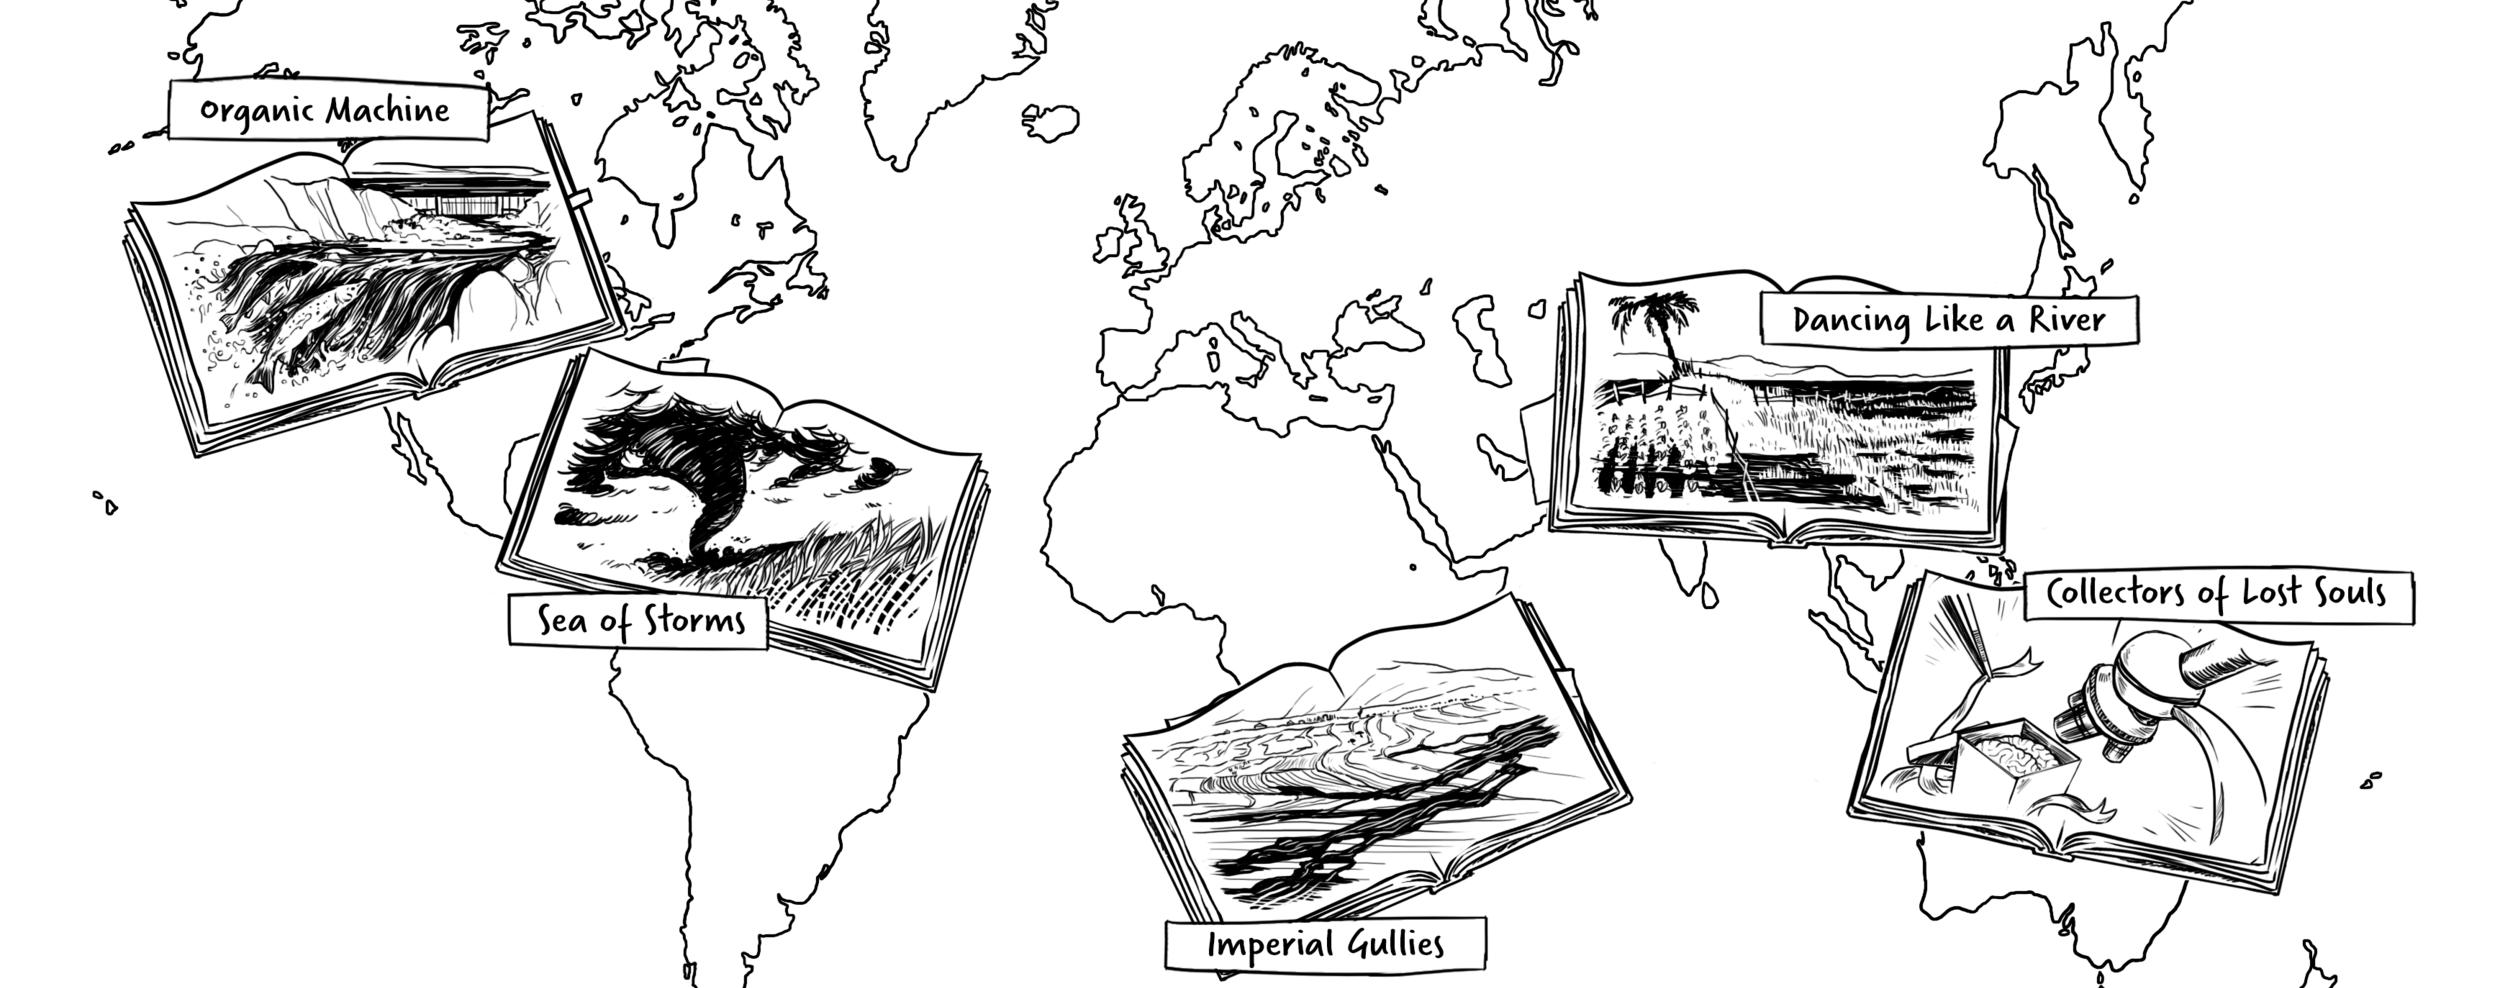 Scot_illustration_global.png